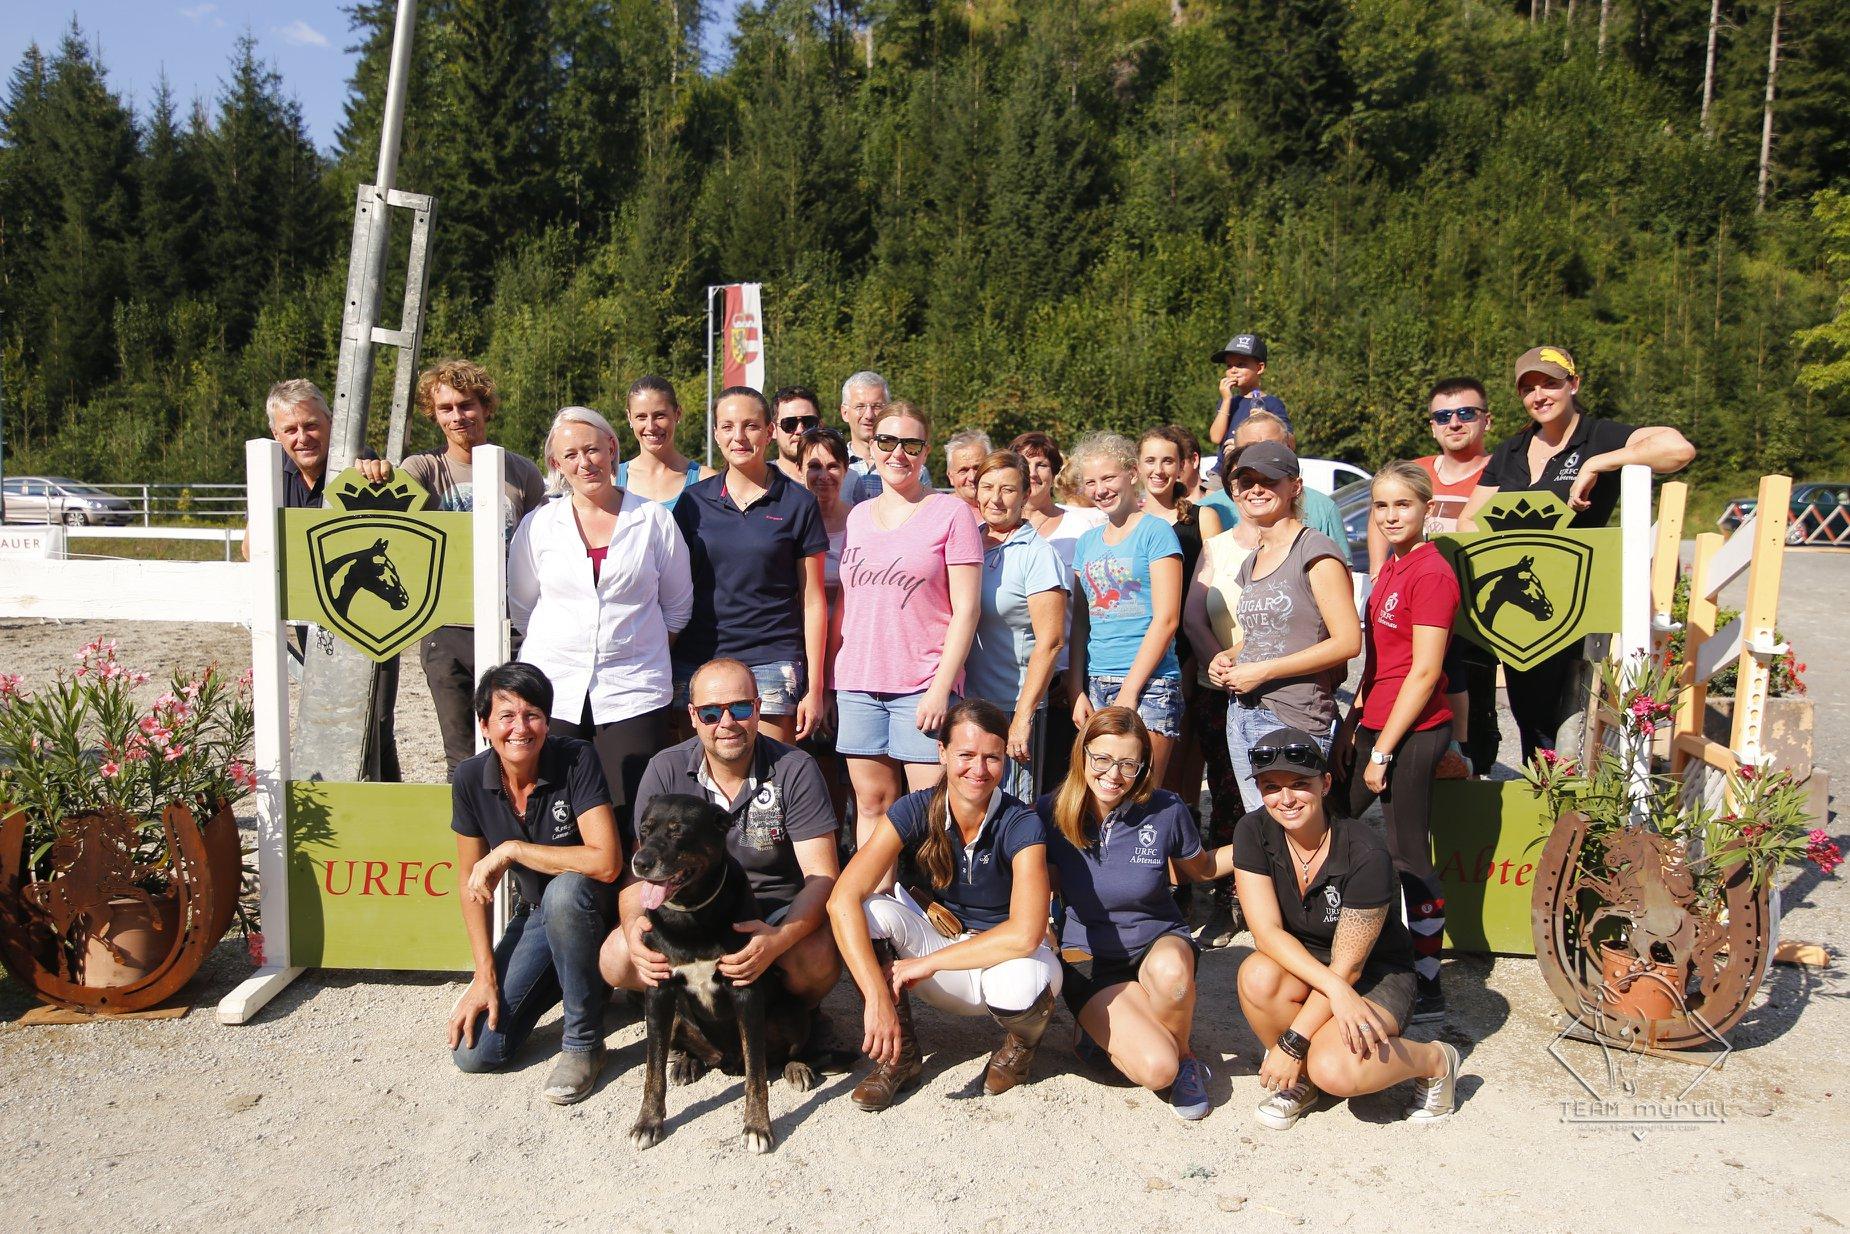 Mitglieder des URFC Abtenau beim CDN-C Abtenau im August 2018